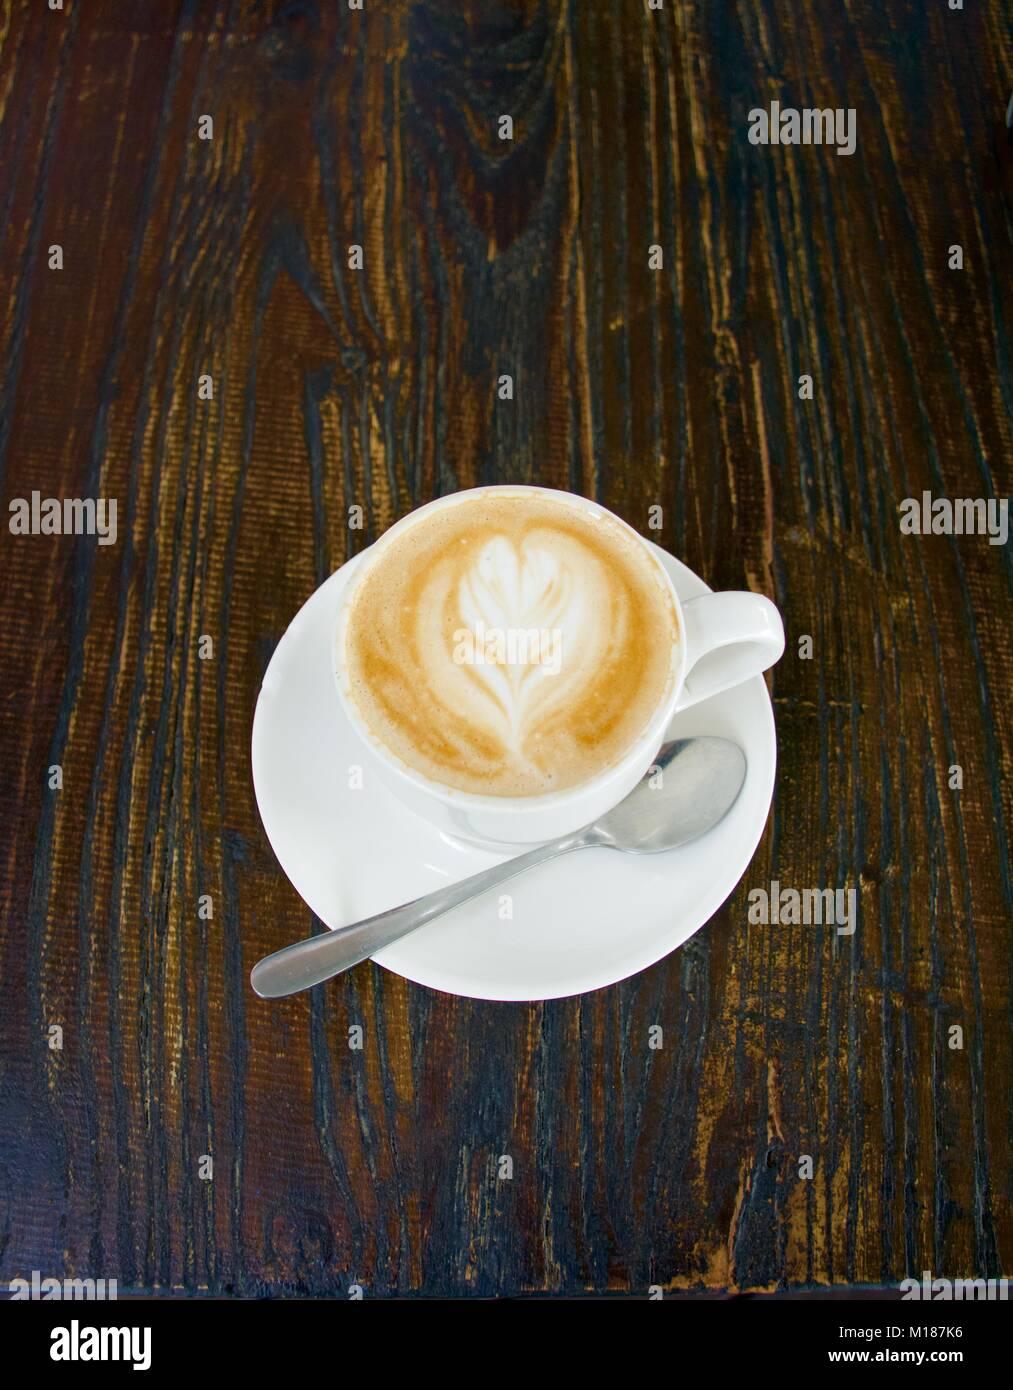 Piatto bianco caffè con pattern in schiuma con cucchiaio al buio su un sfondo di legno Immagini Stock